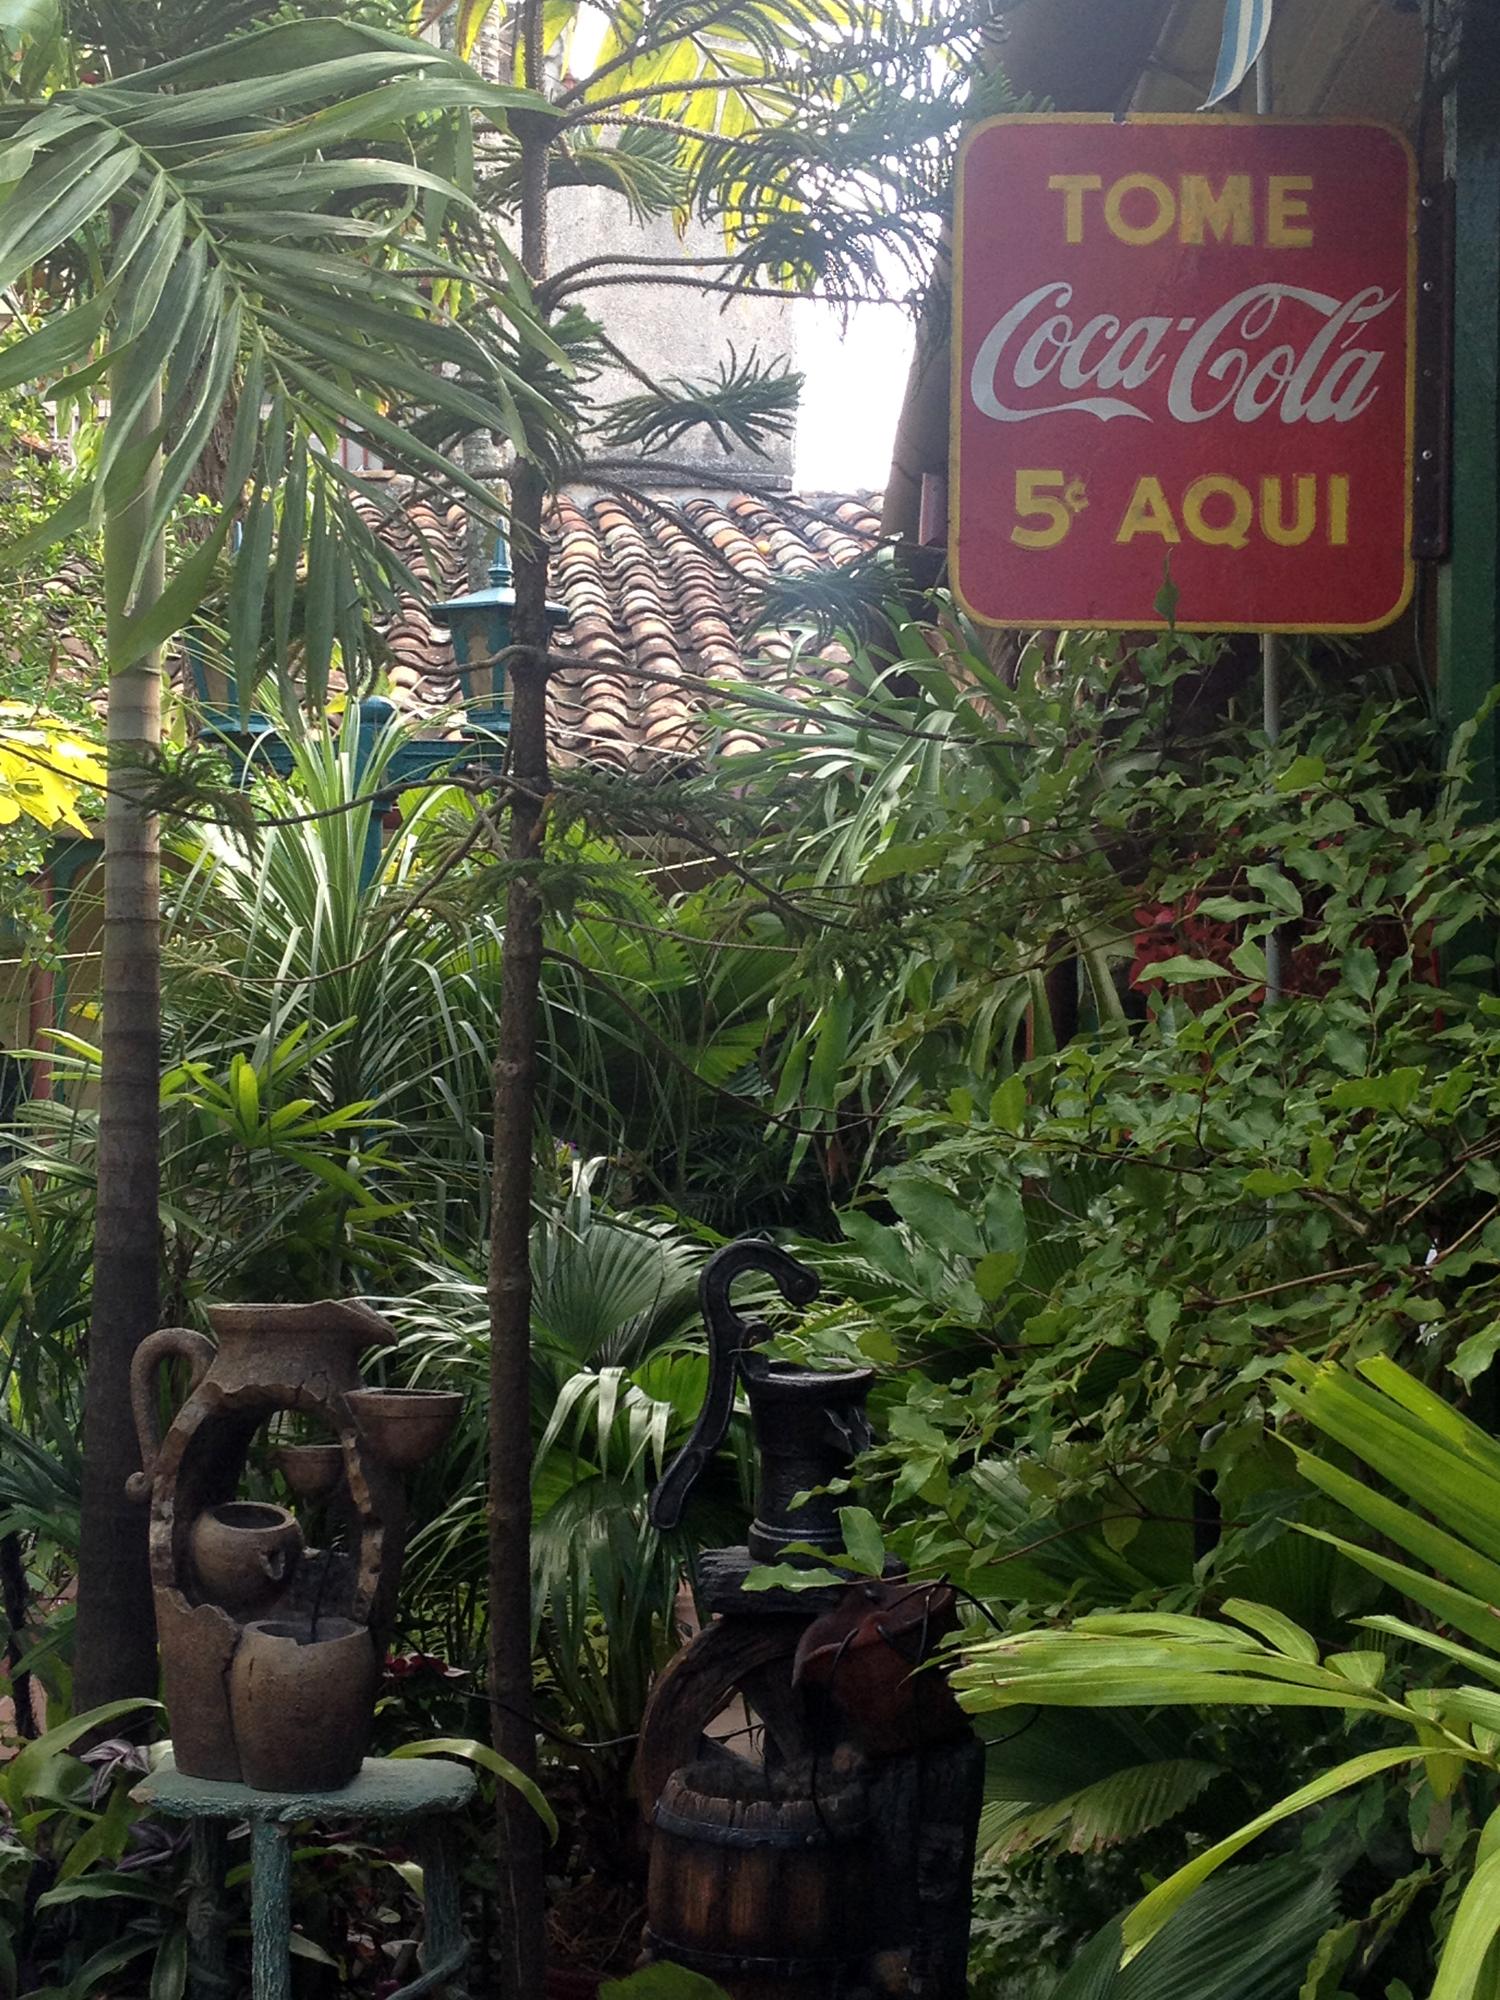 Old Coca-Cola sign at a paladar in Santa Clara